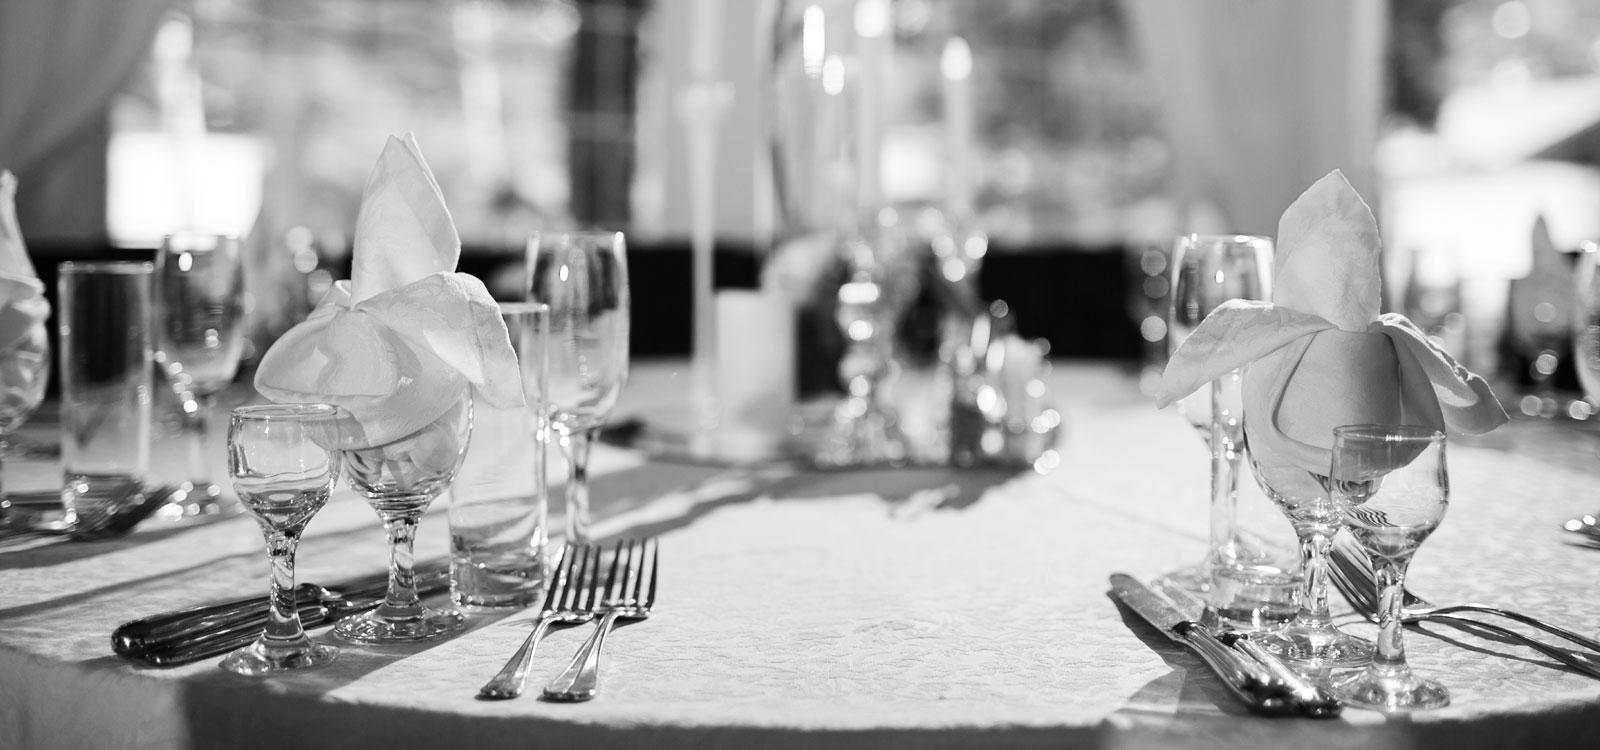 Linee guida alle misure per il contenimento del rischio di contagio nello svolgimento di matrimoni